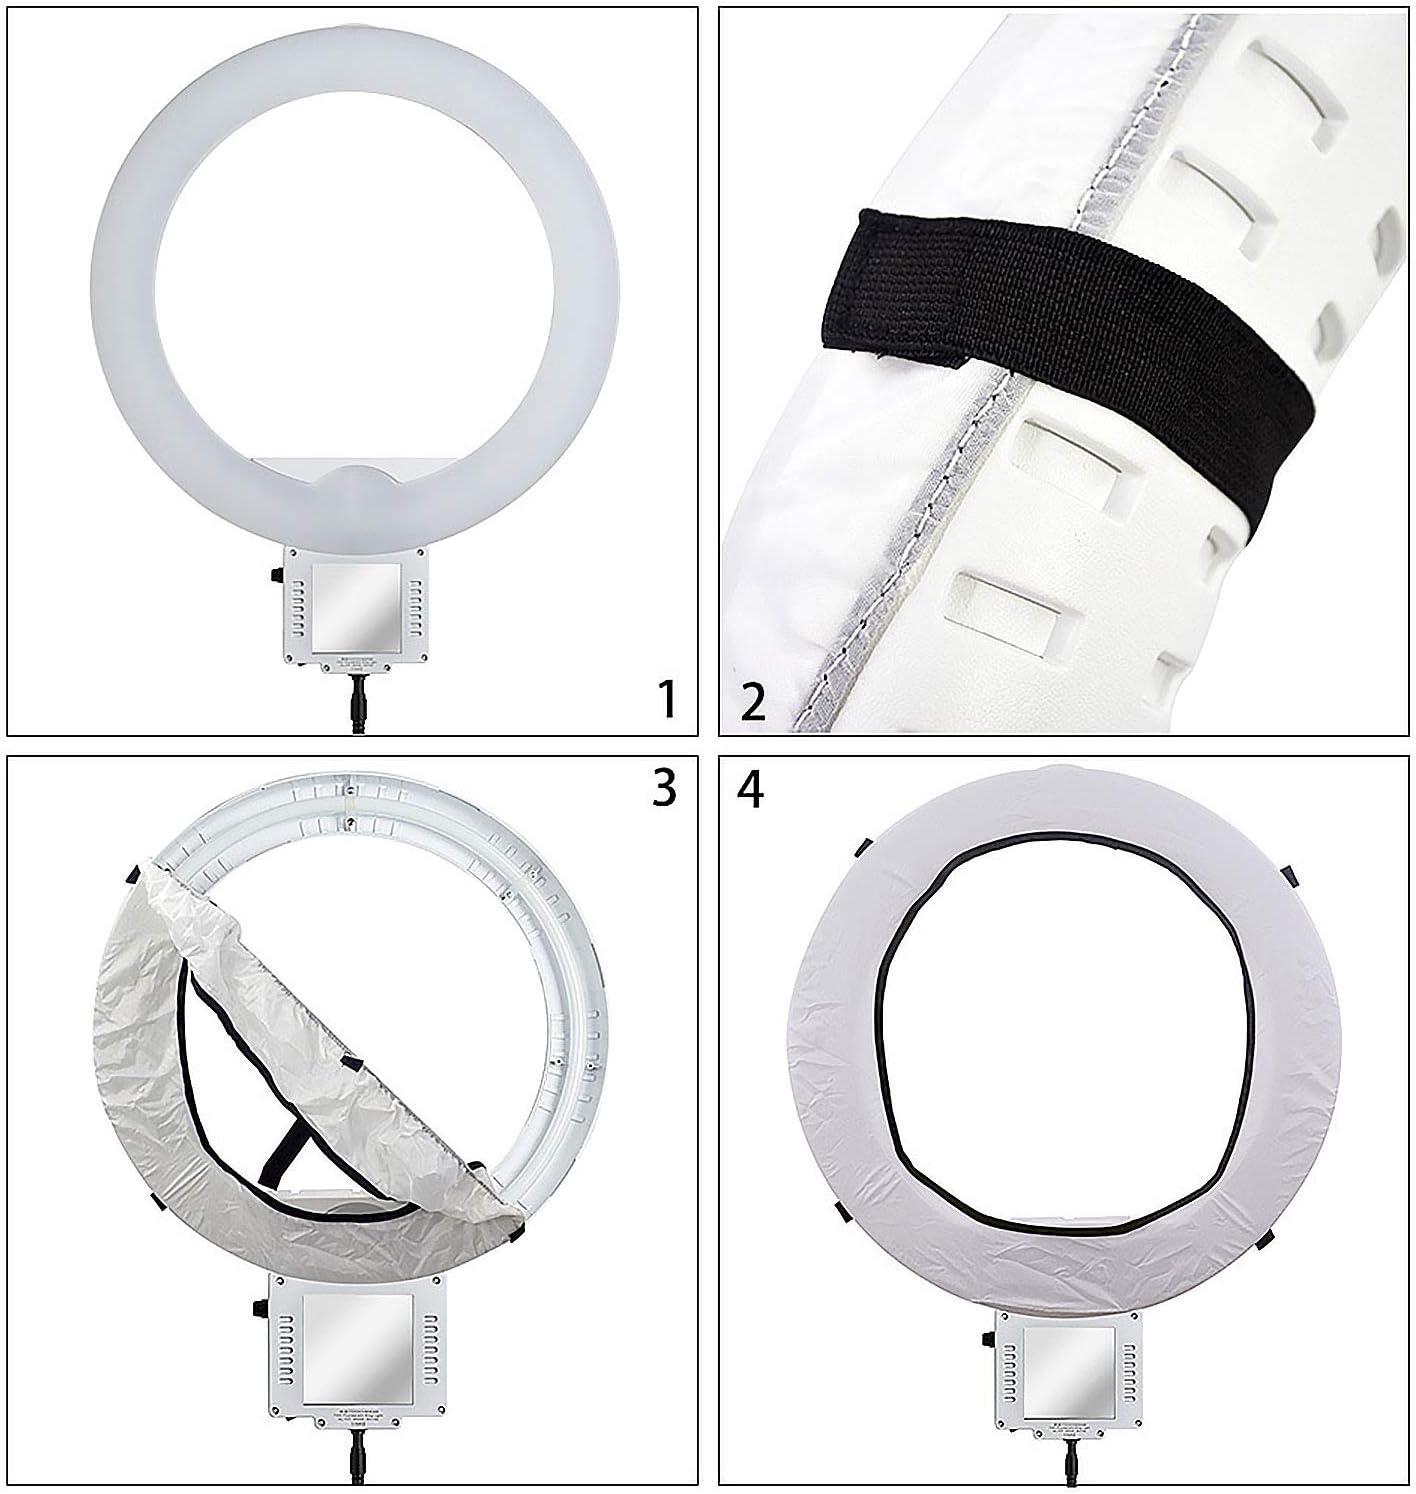 Vococal Kit de Tissu de diffuseur Pliable Portable Softbox pour 12inch Ring Light Ringlight Beaut/é Portrait Fill Light Photographie du Produit